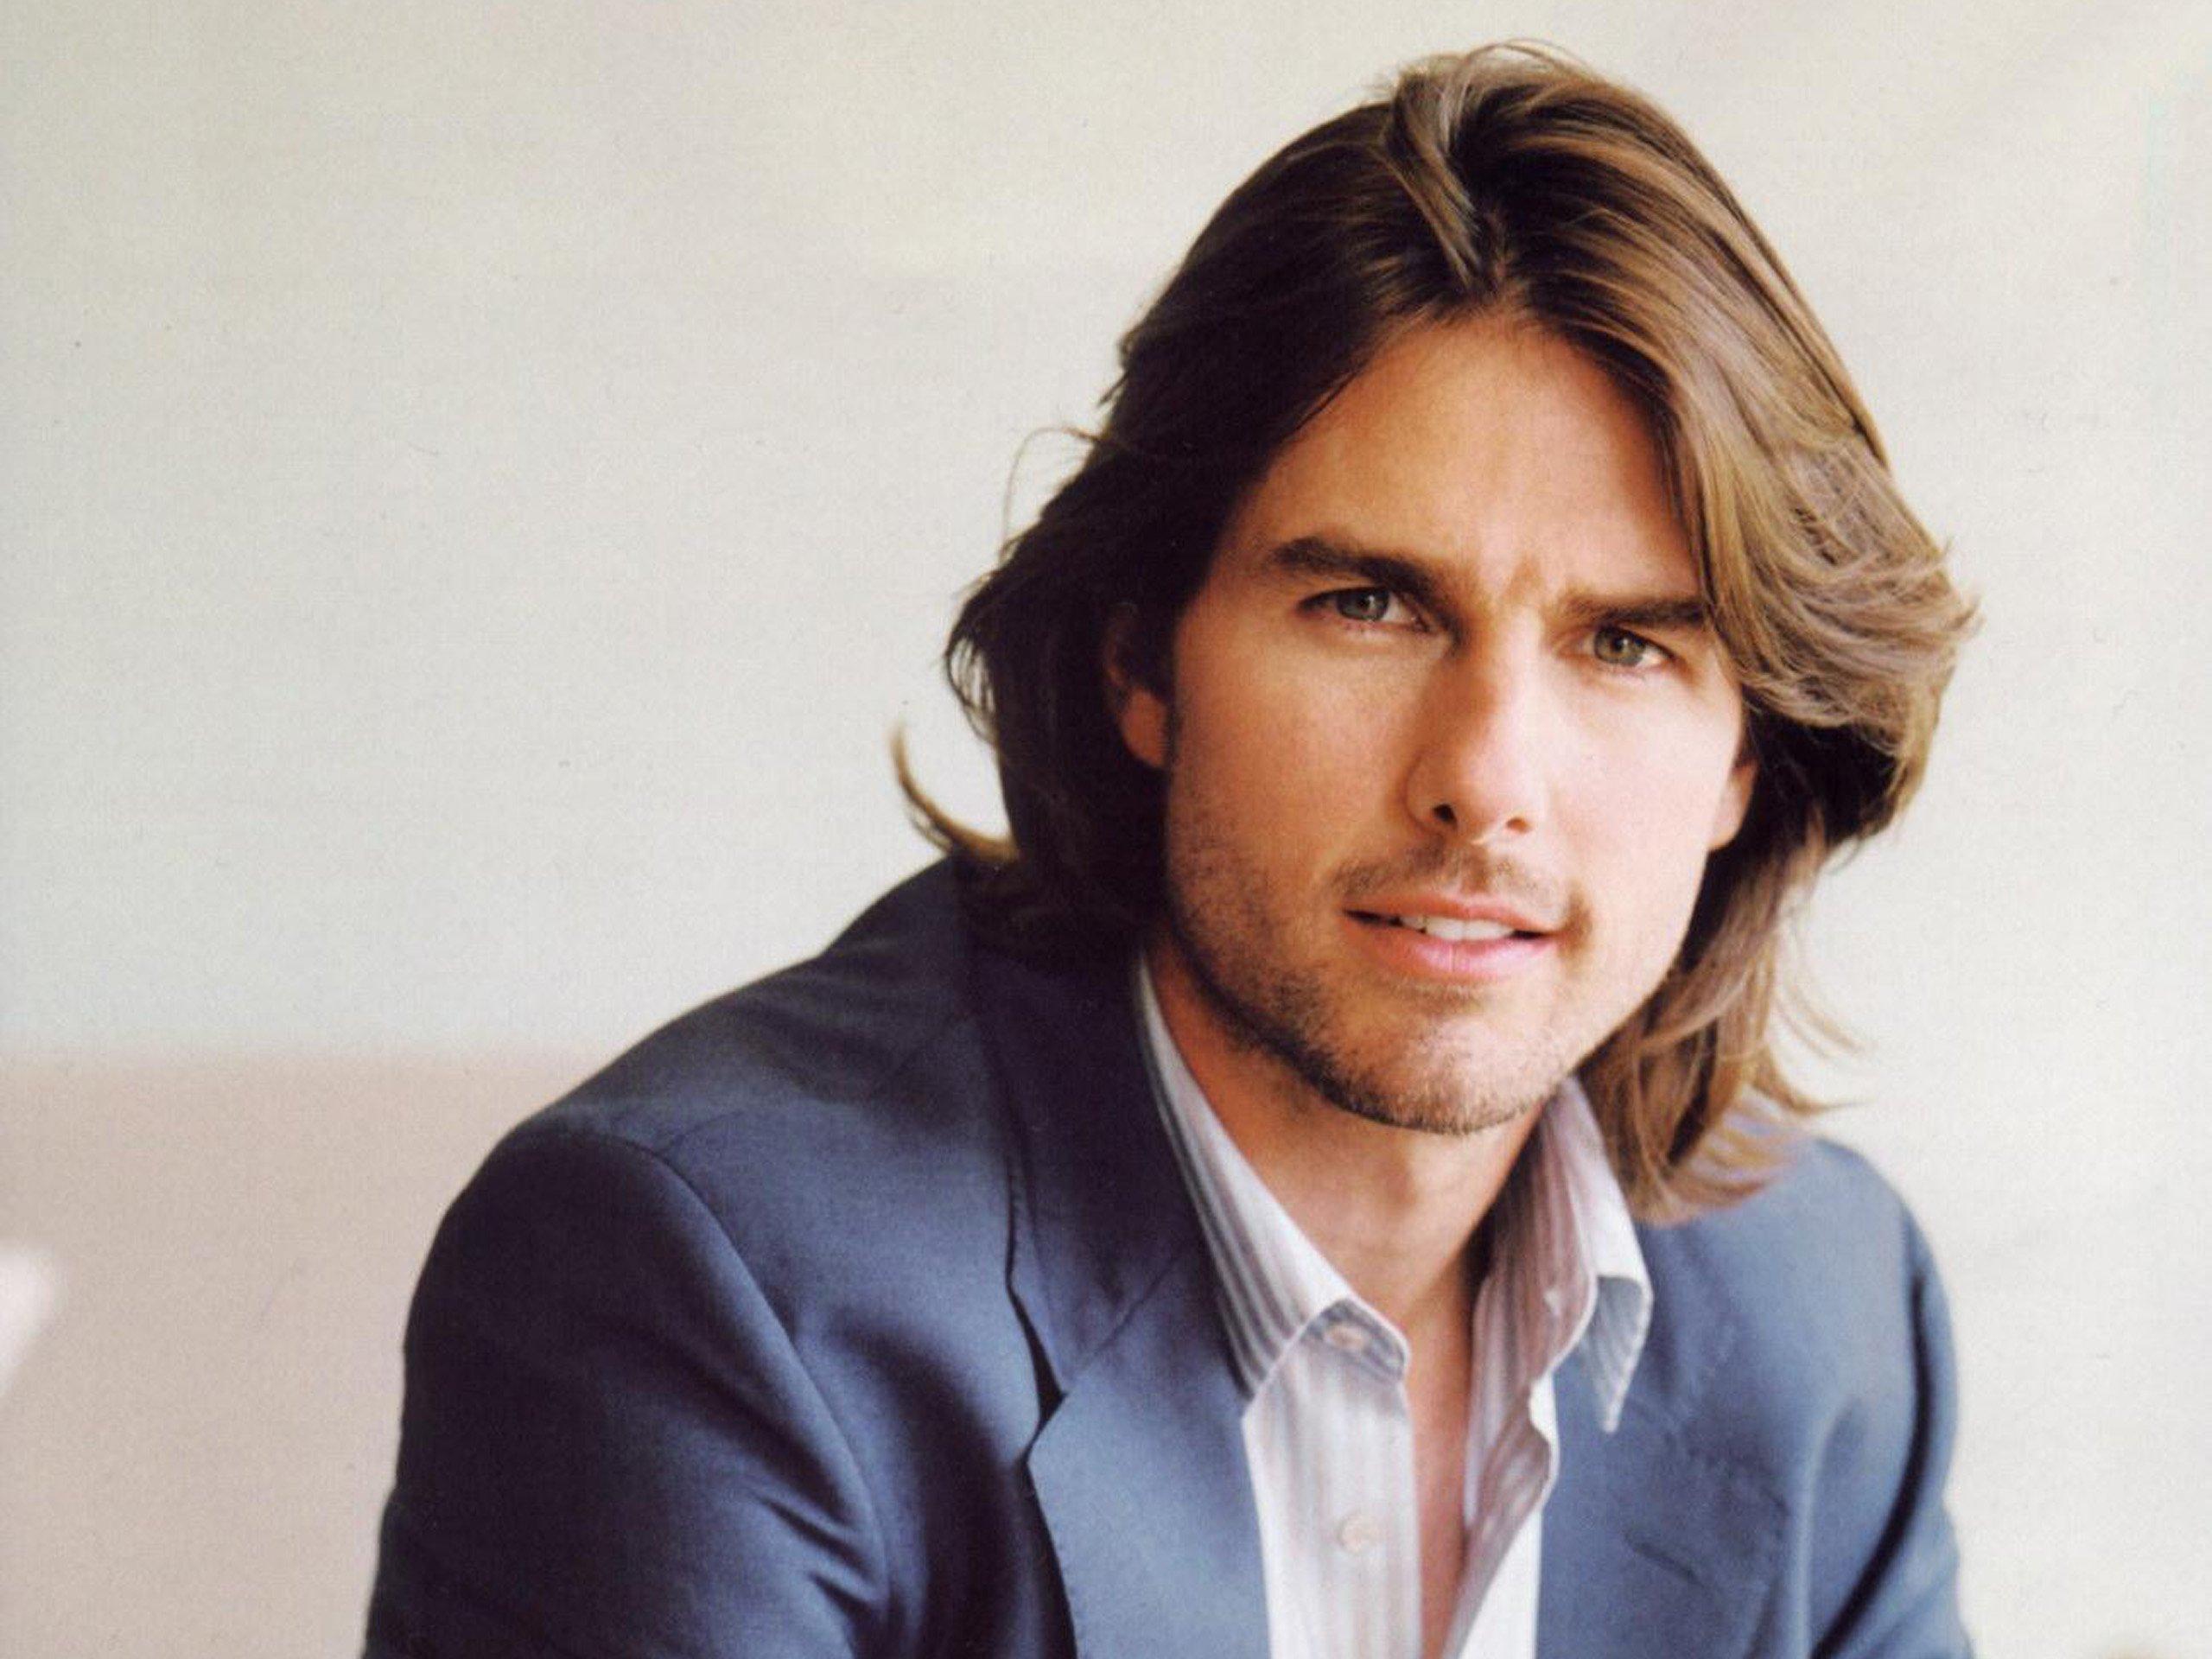 Tom Cruise 6977223 2560x1920